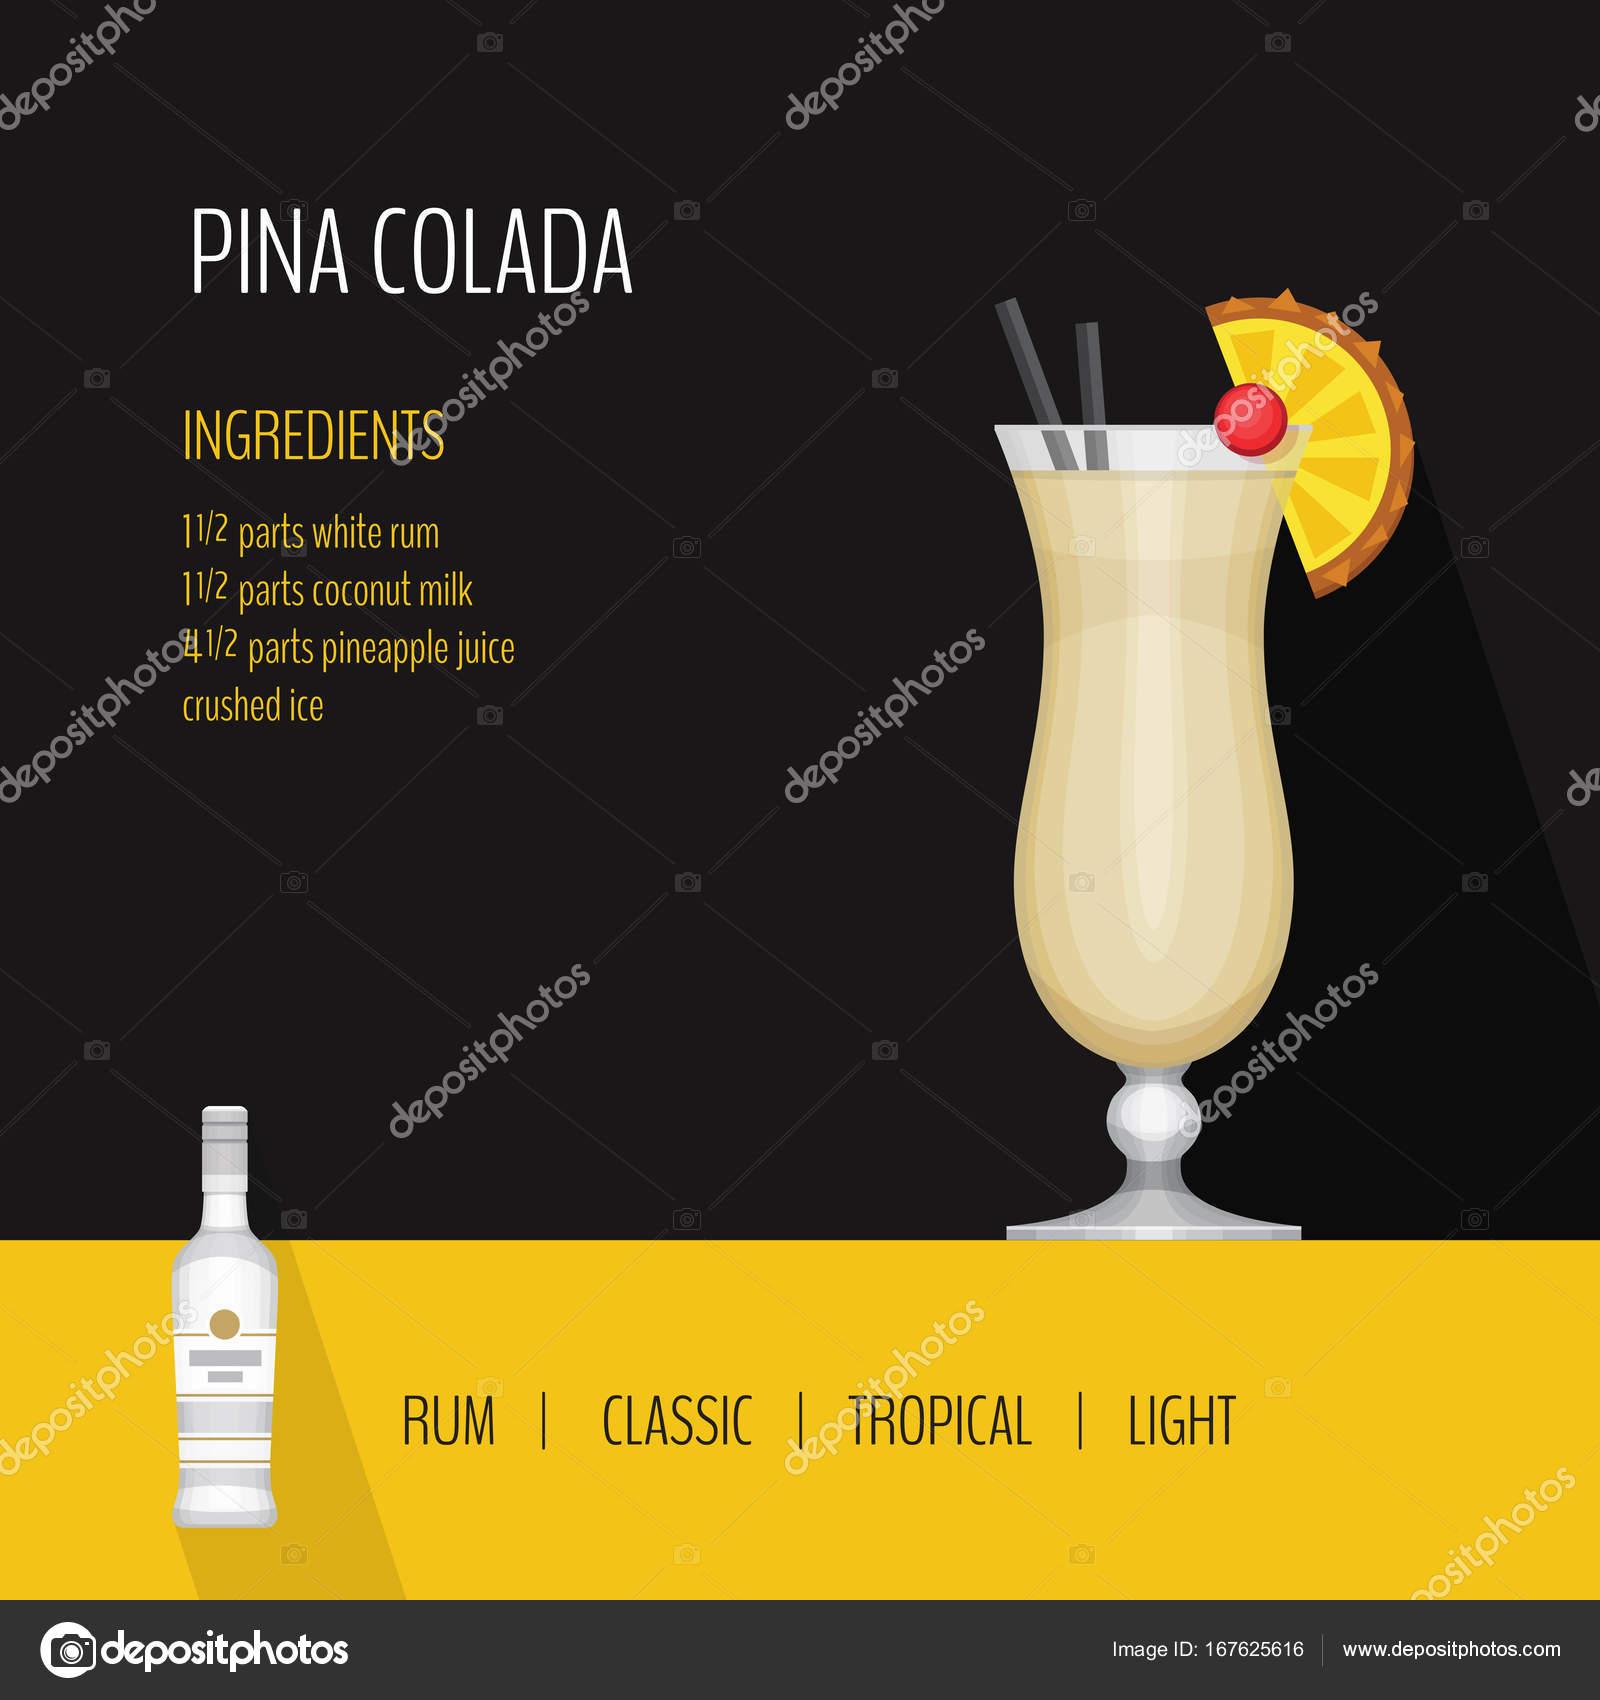 Cocktail Karte.Glas Cocktail Pina Colada Auf Schwarzem Hintergrund Cocktail Karte